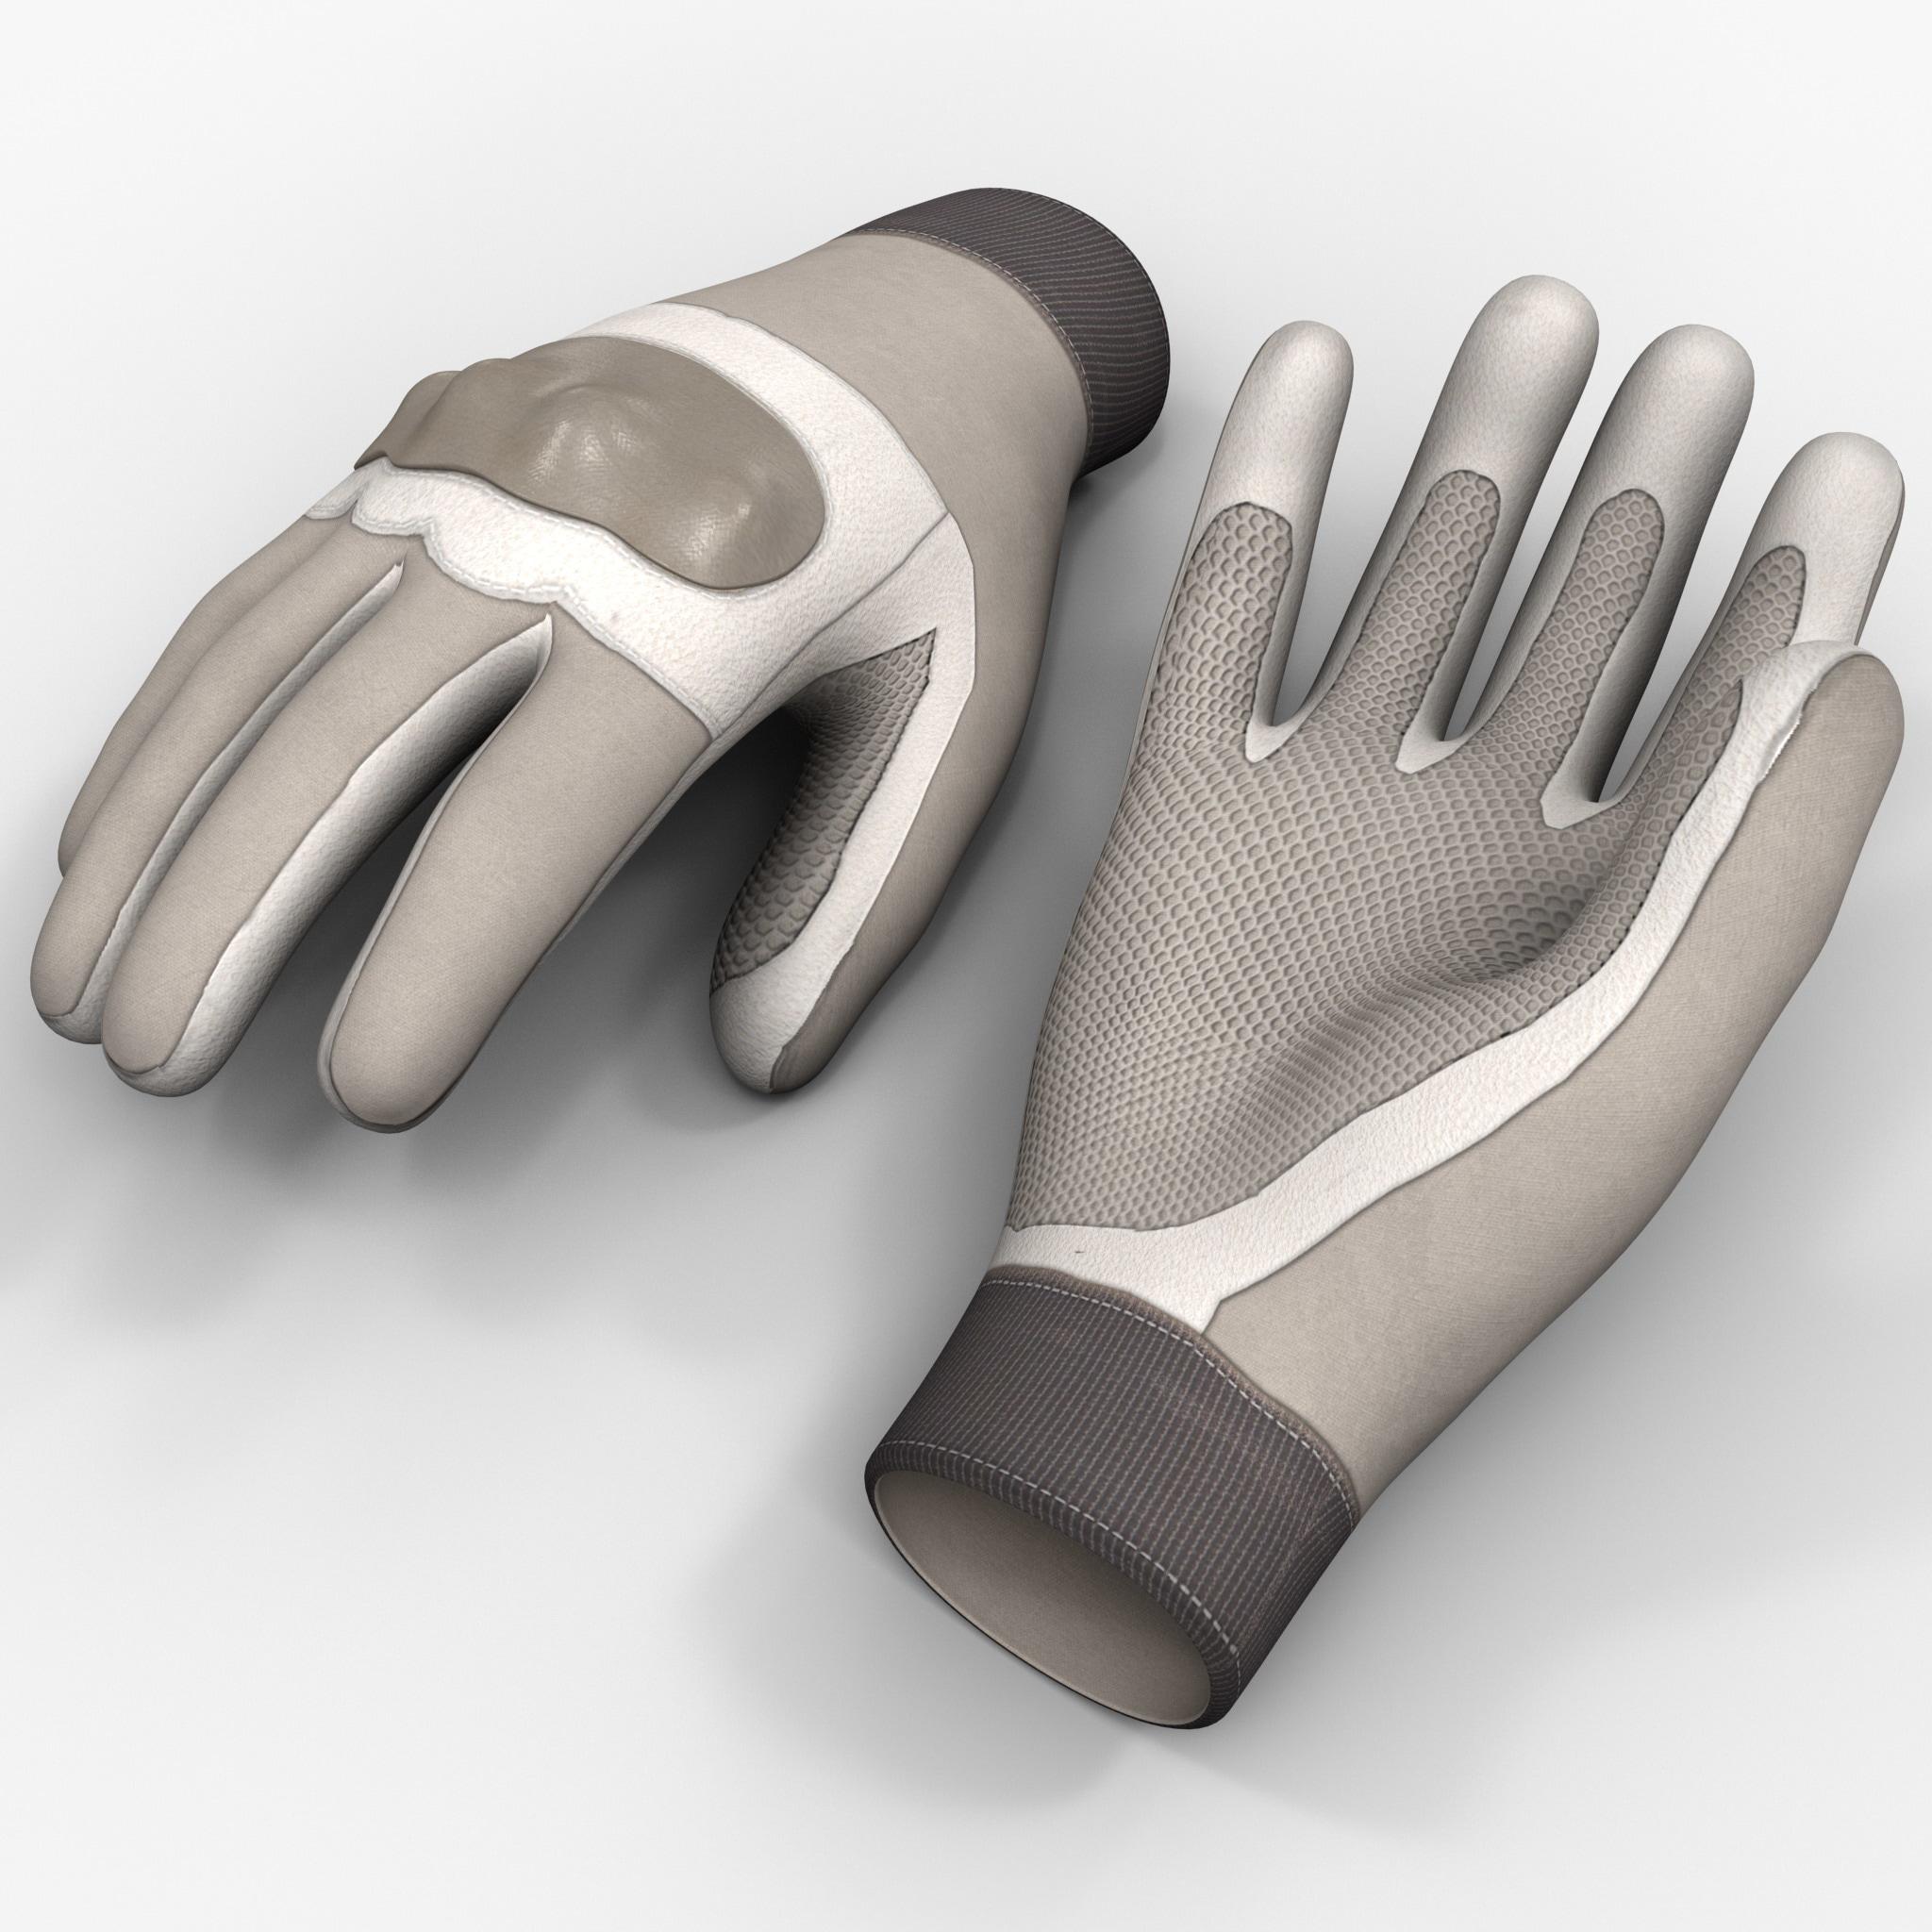 Futuristic Soldier Gloves_2.jpg